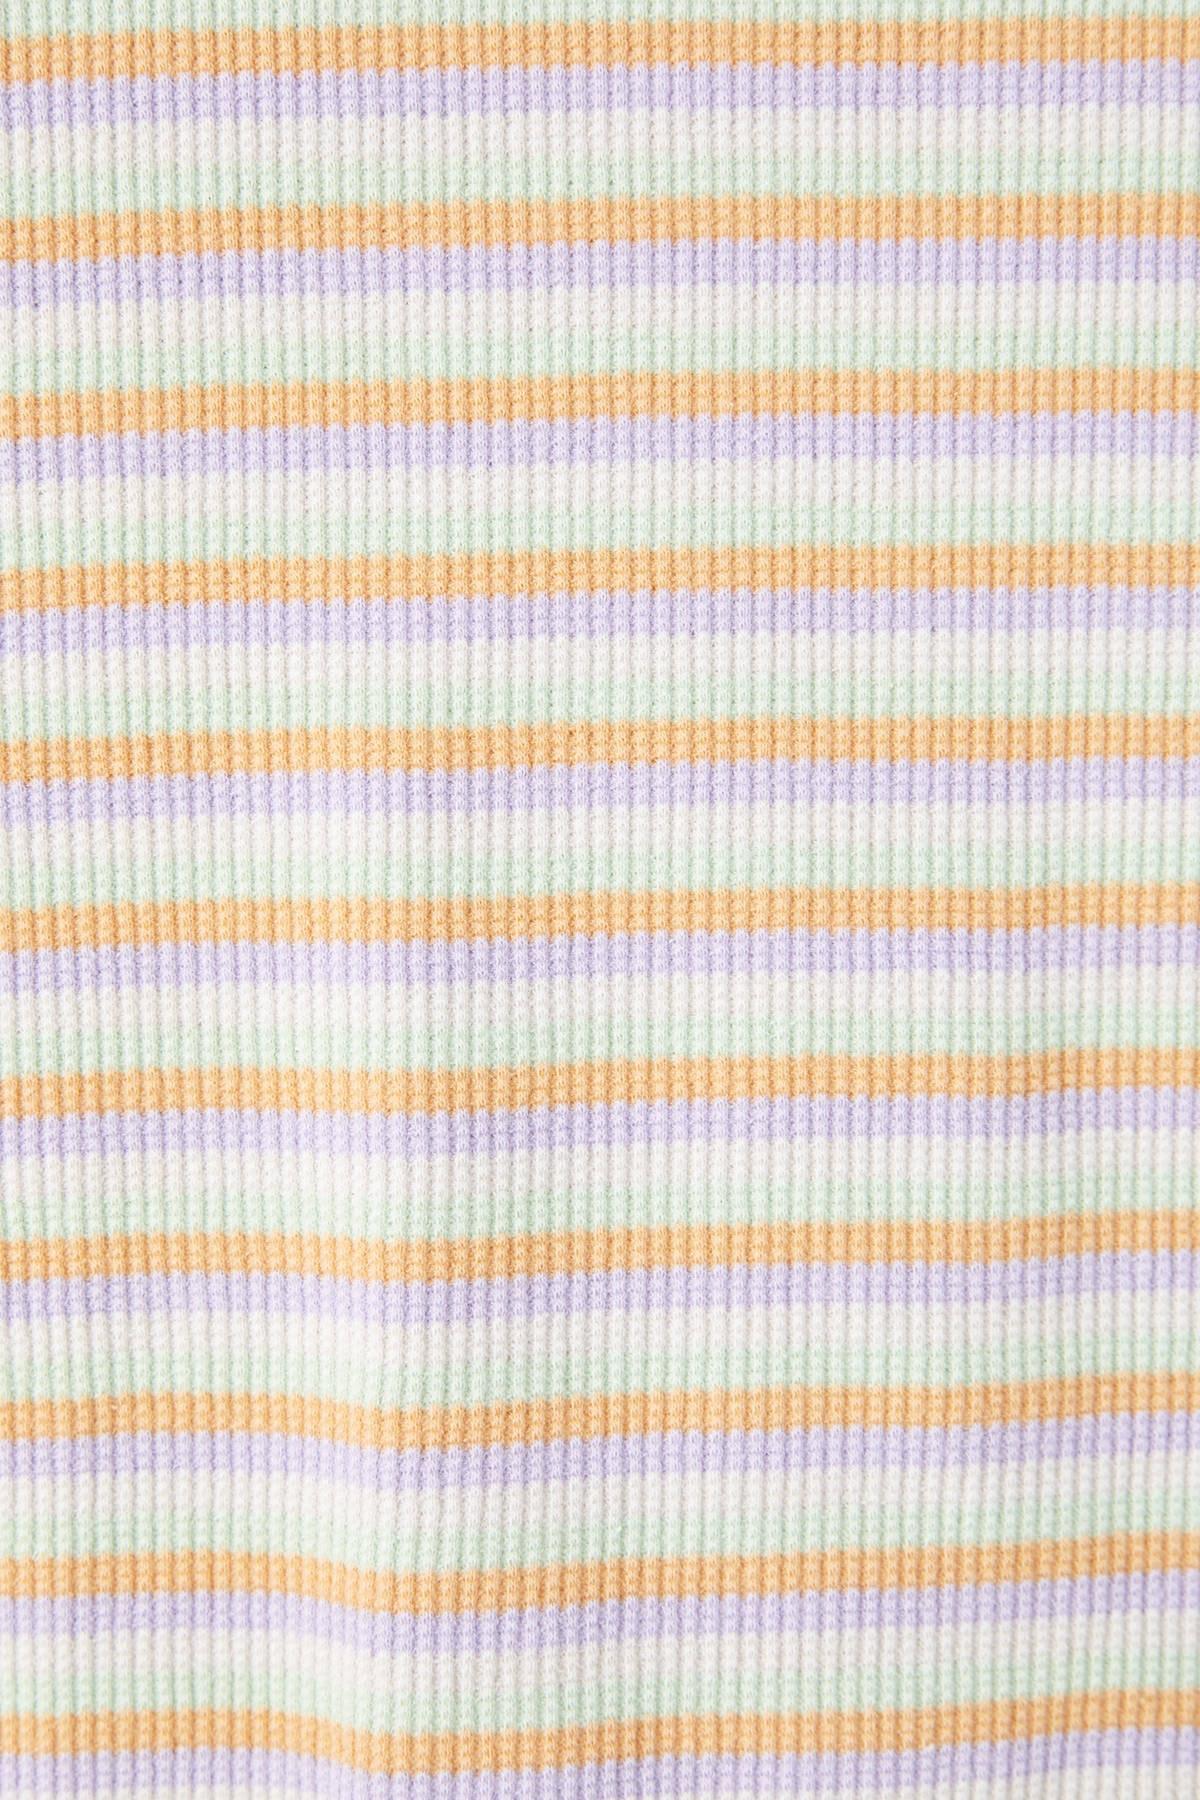 Pull & Bear Kadın Portakal Kıvrımlı Kenarlı Basic T-Shirt 05234369 2